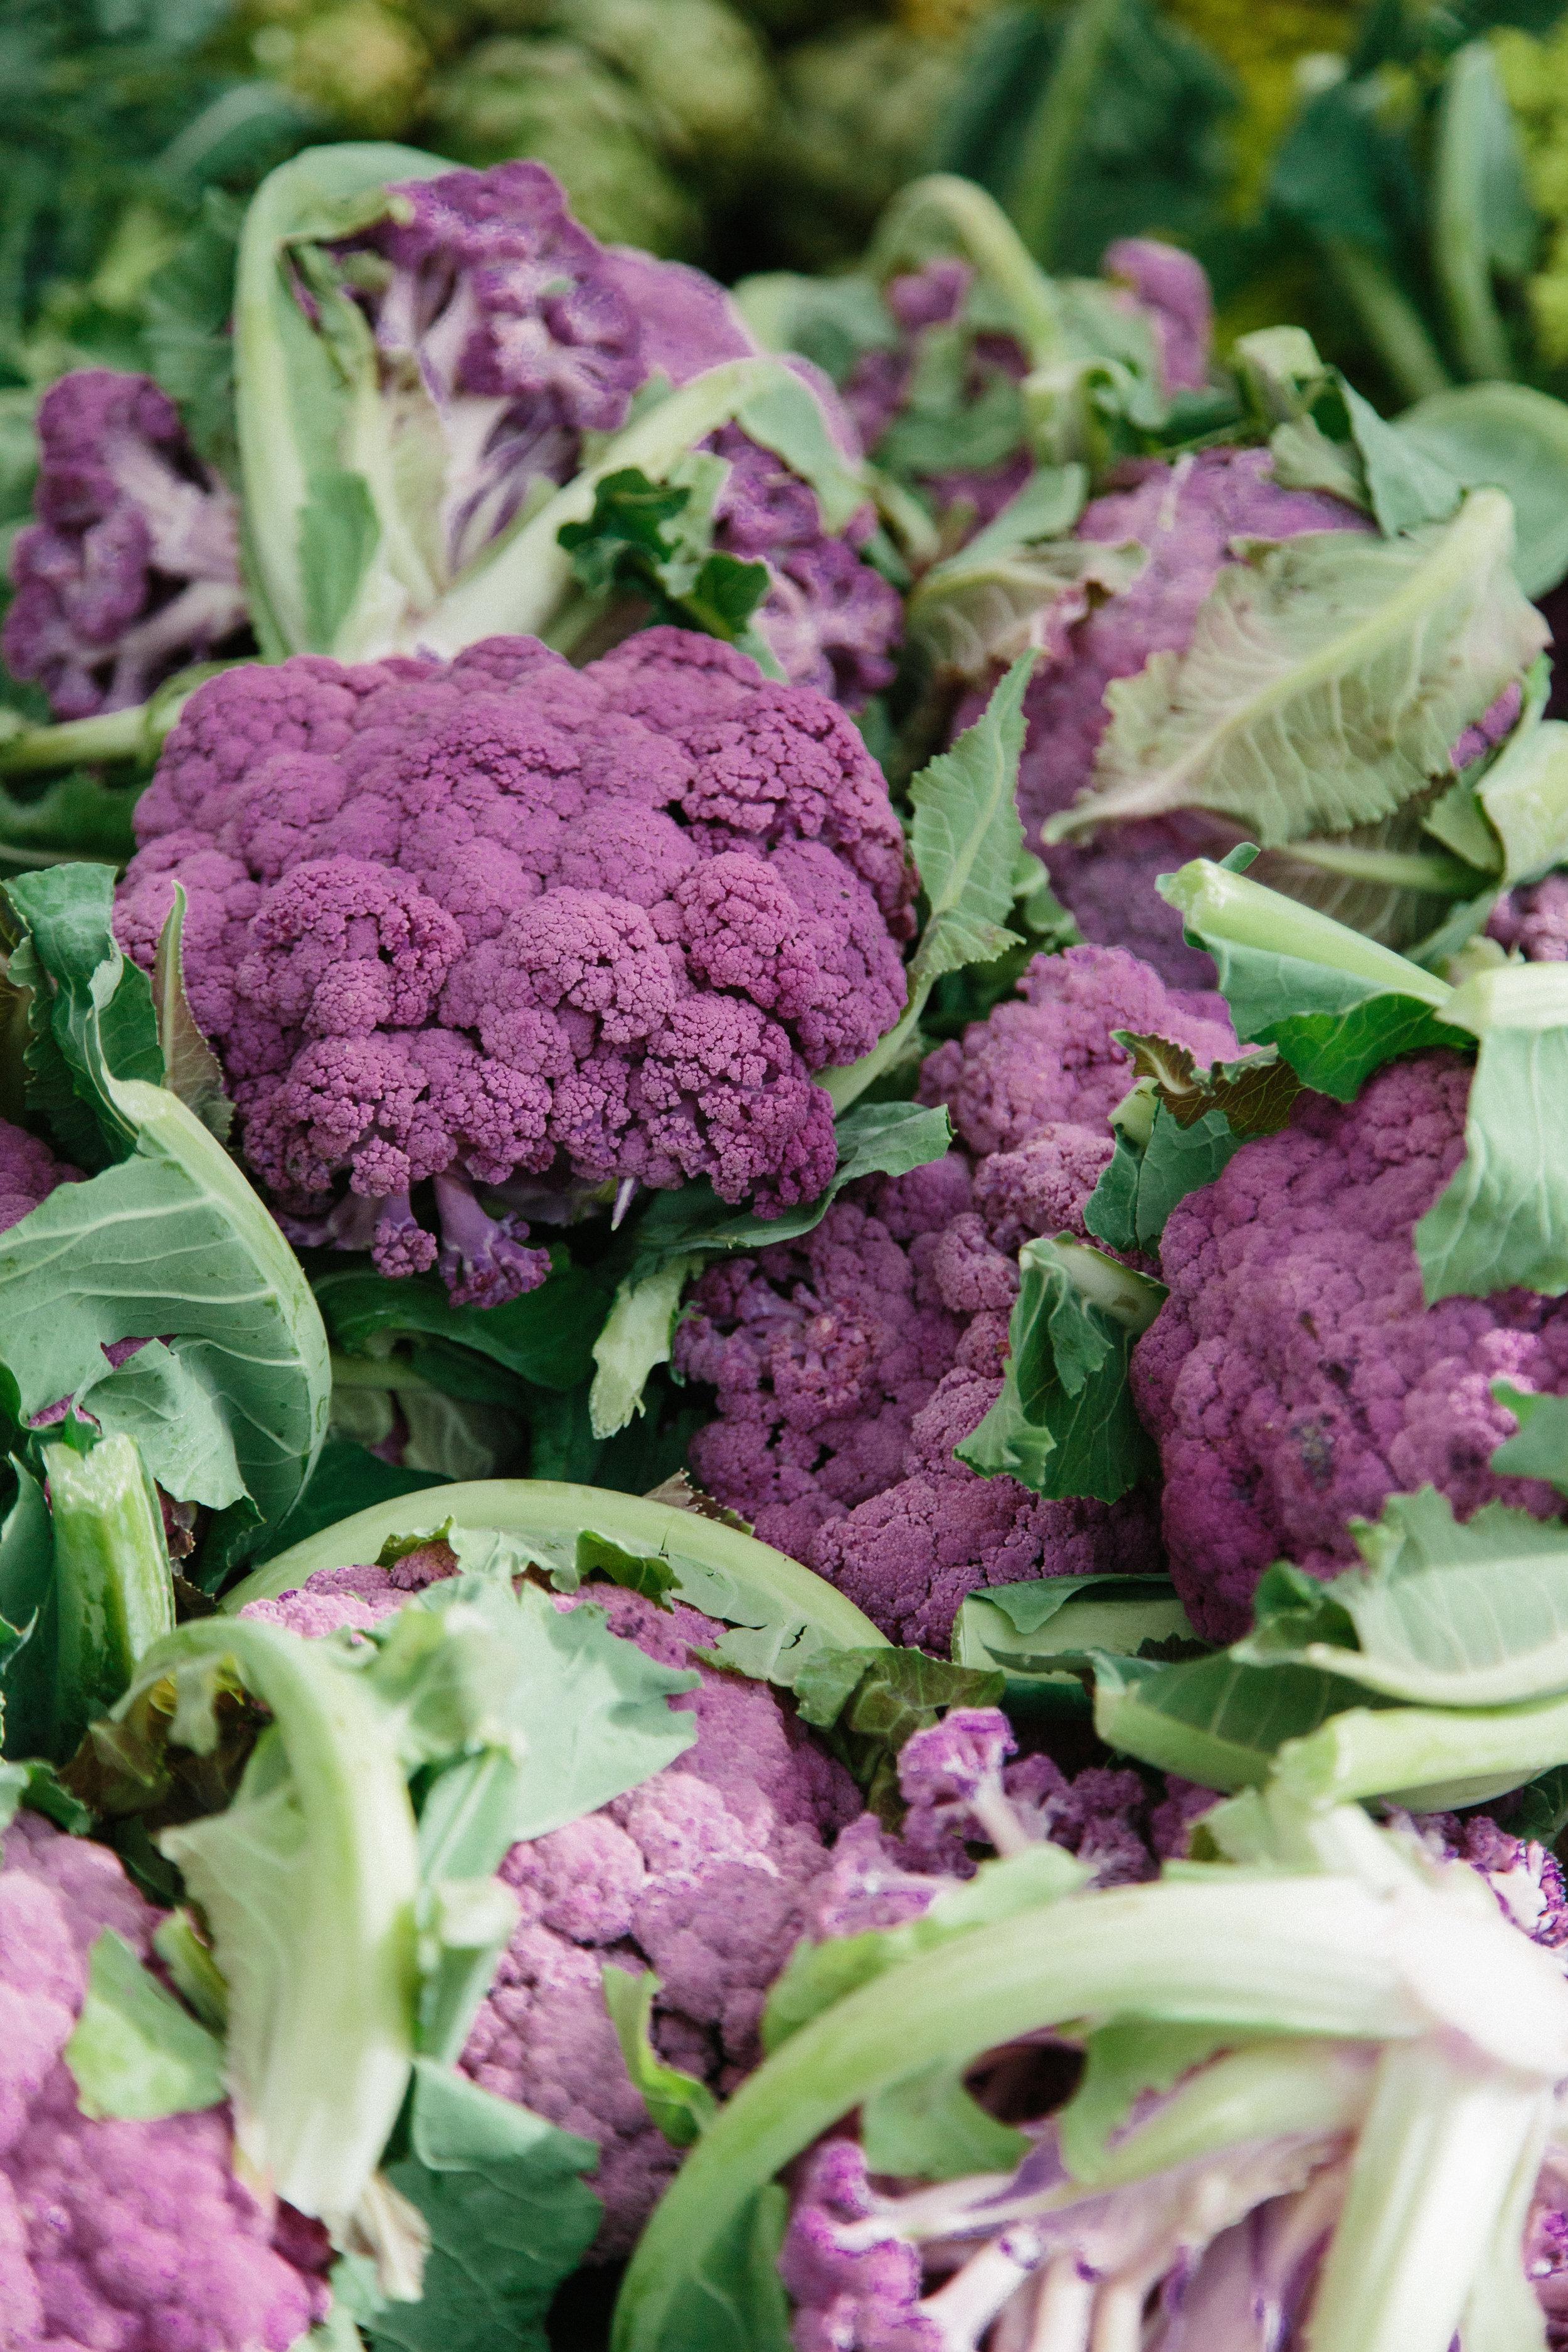 Neeyaz_Farmers Market_032019-104.JPG